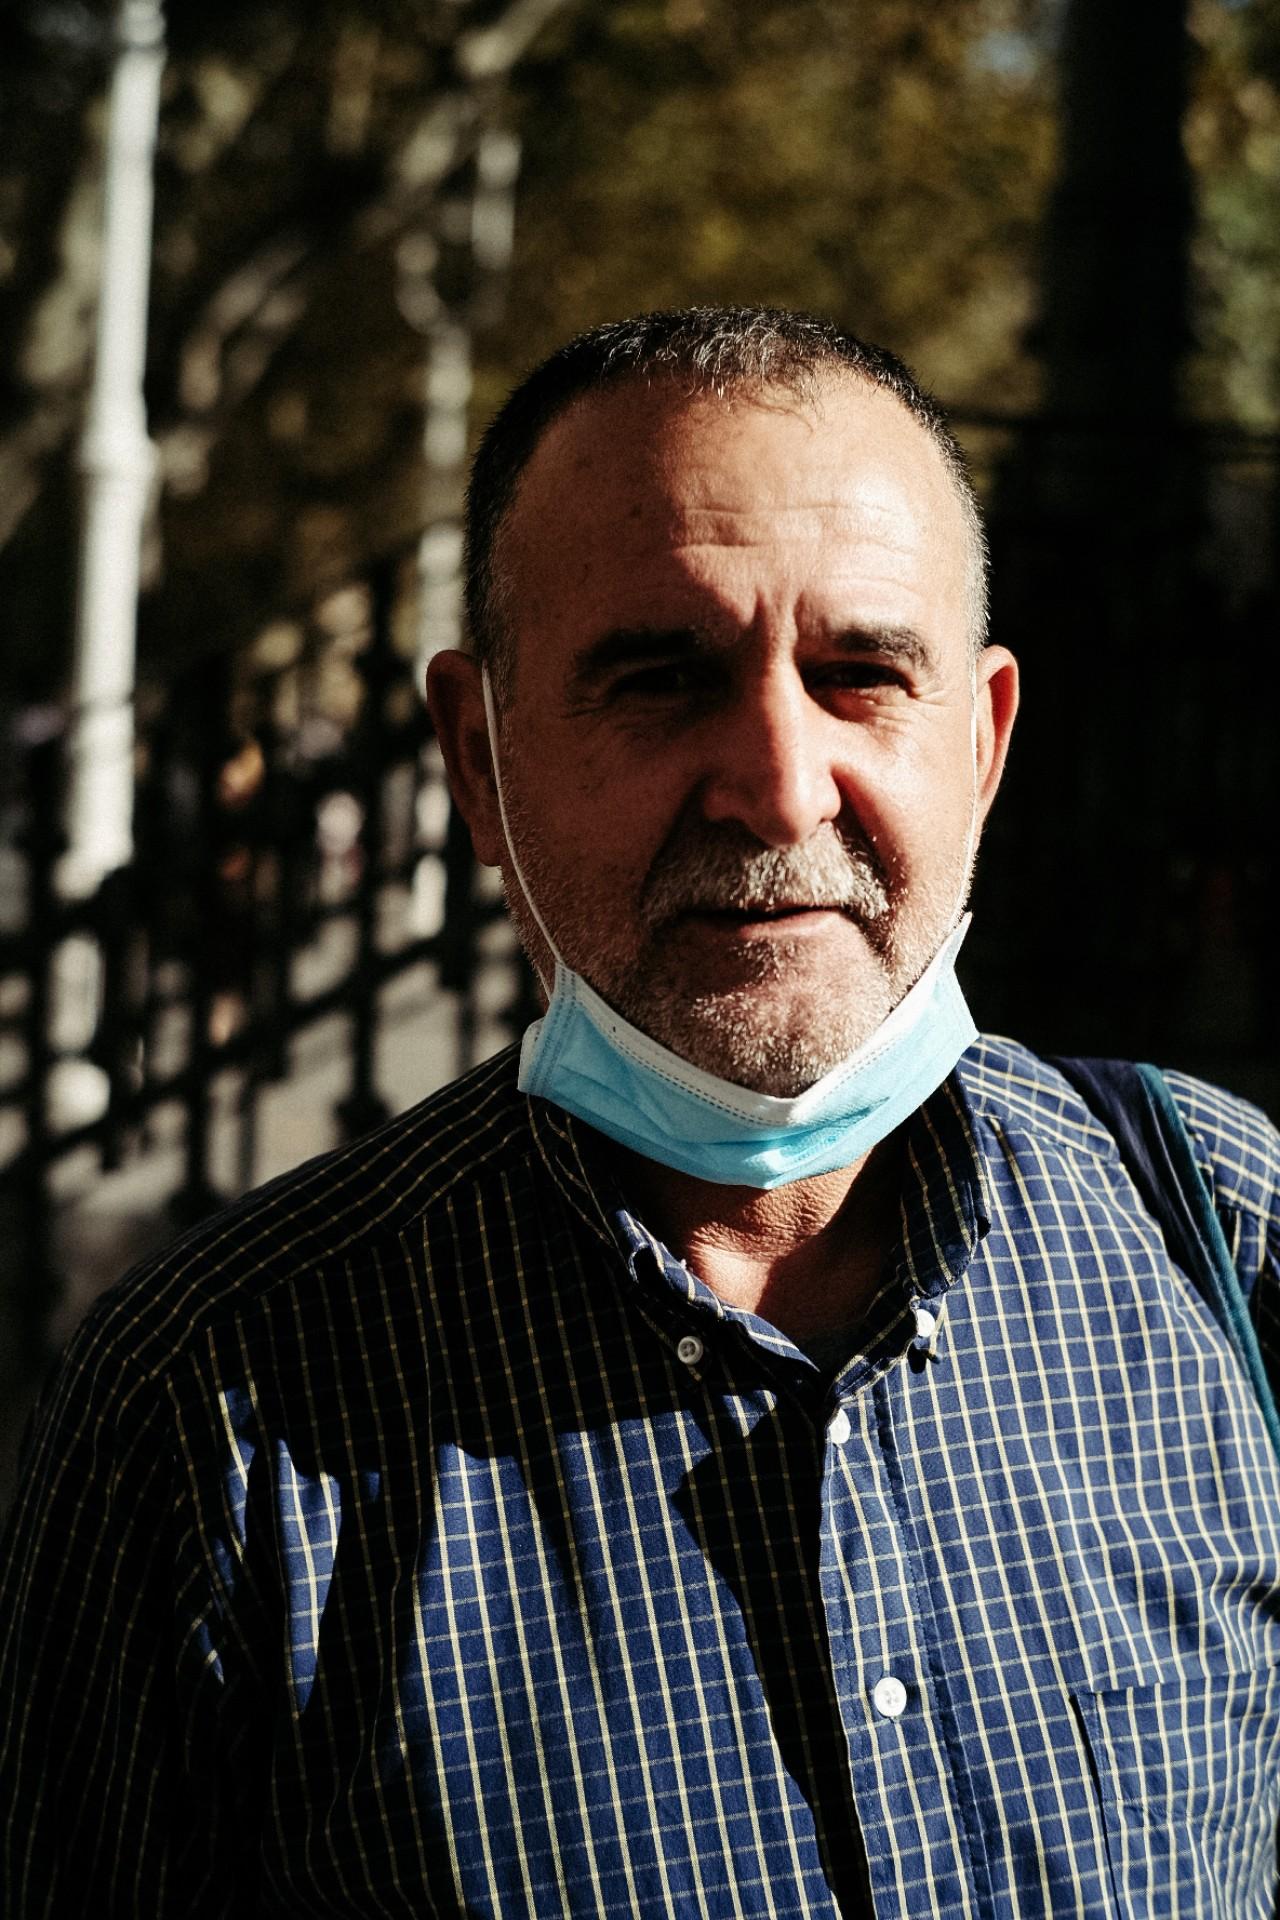 Mohamed Koismi en la manifestación en favor de los desalojados del Infierno. Fotos: Santiago Farizano